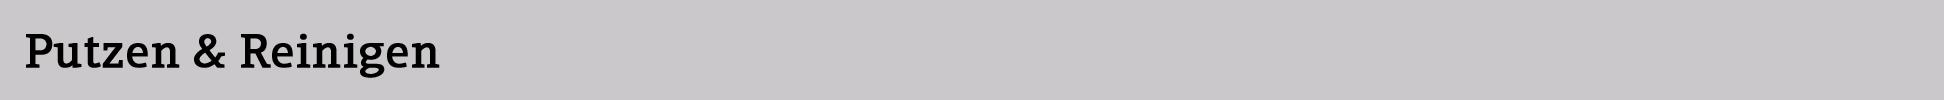 Putzen&Reinigen_Desktop